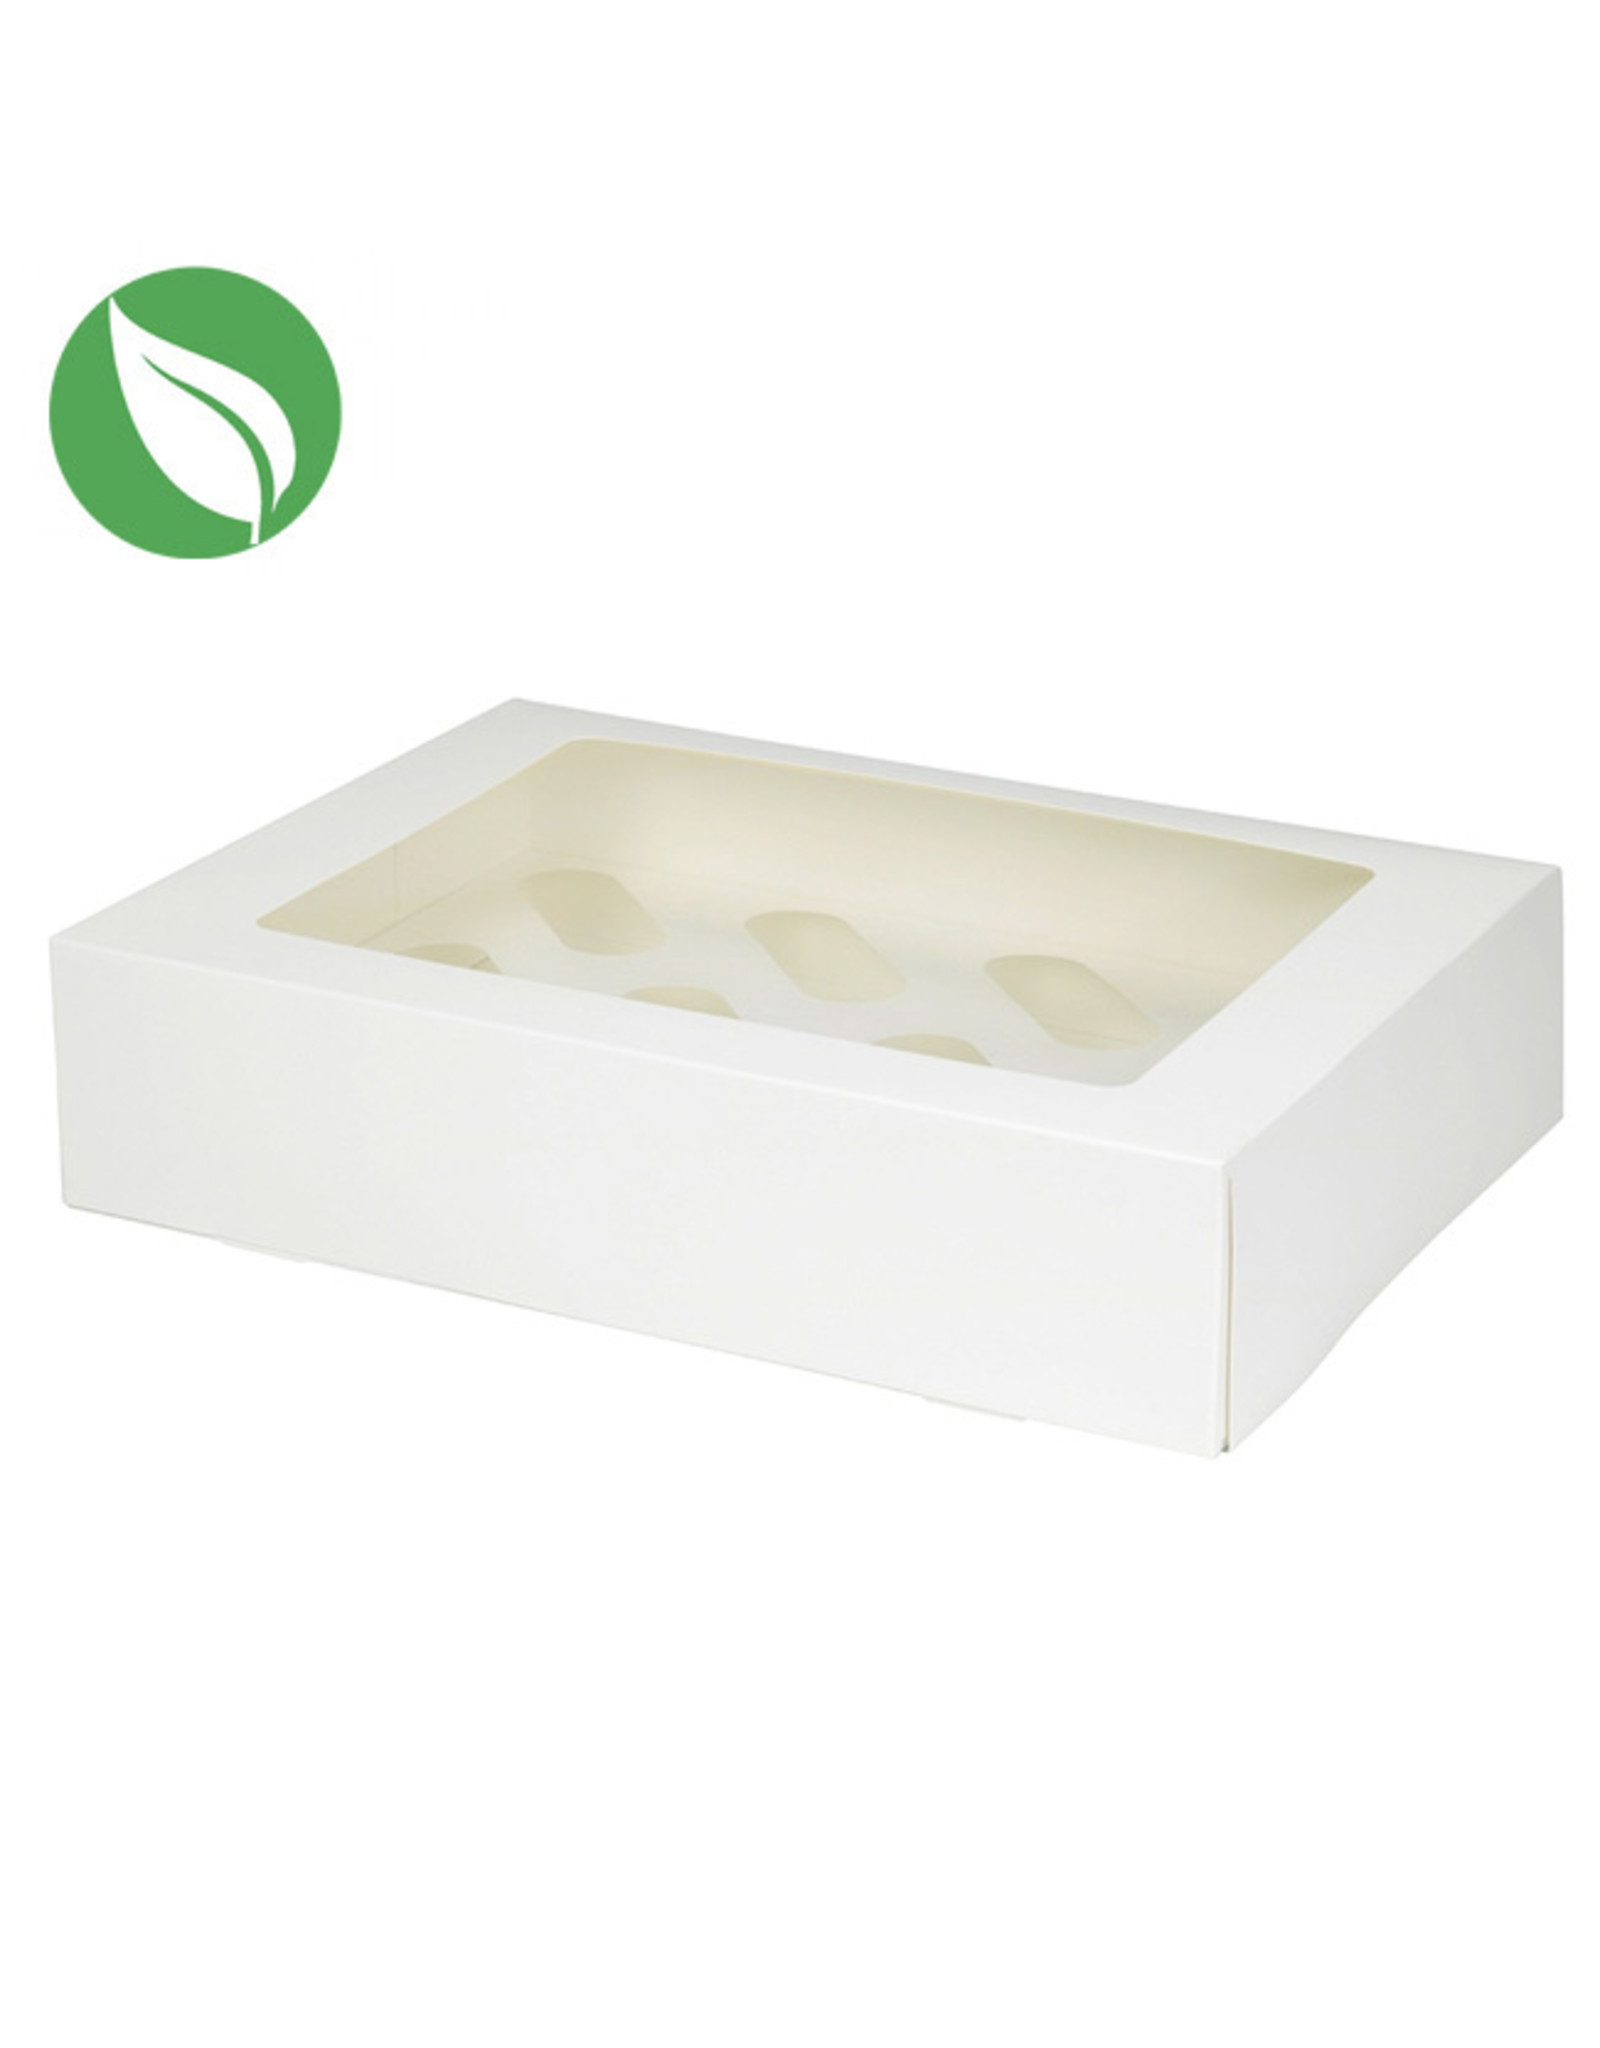 Biologische doos voor 12 cupcakes (per 25 stuks)